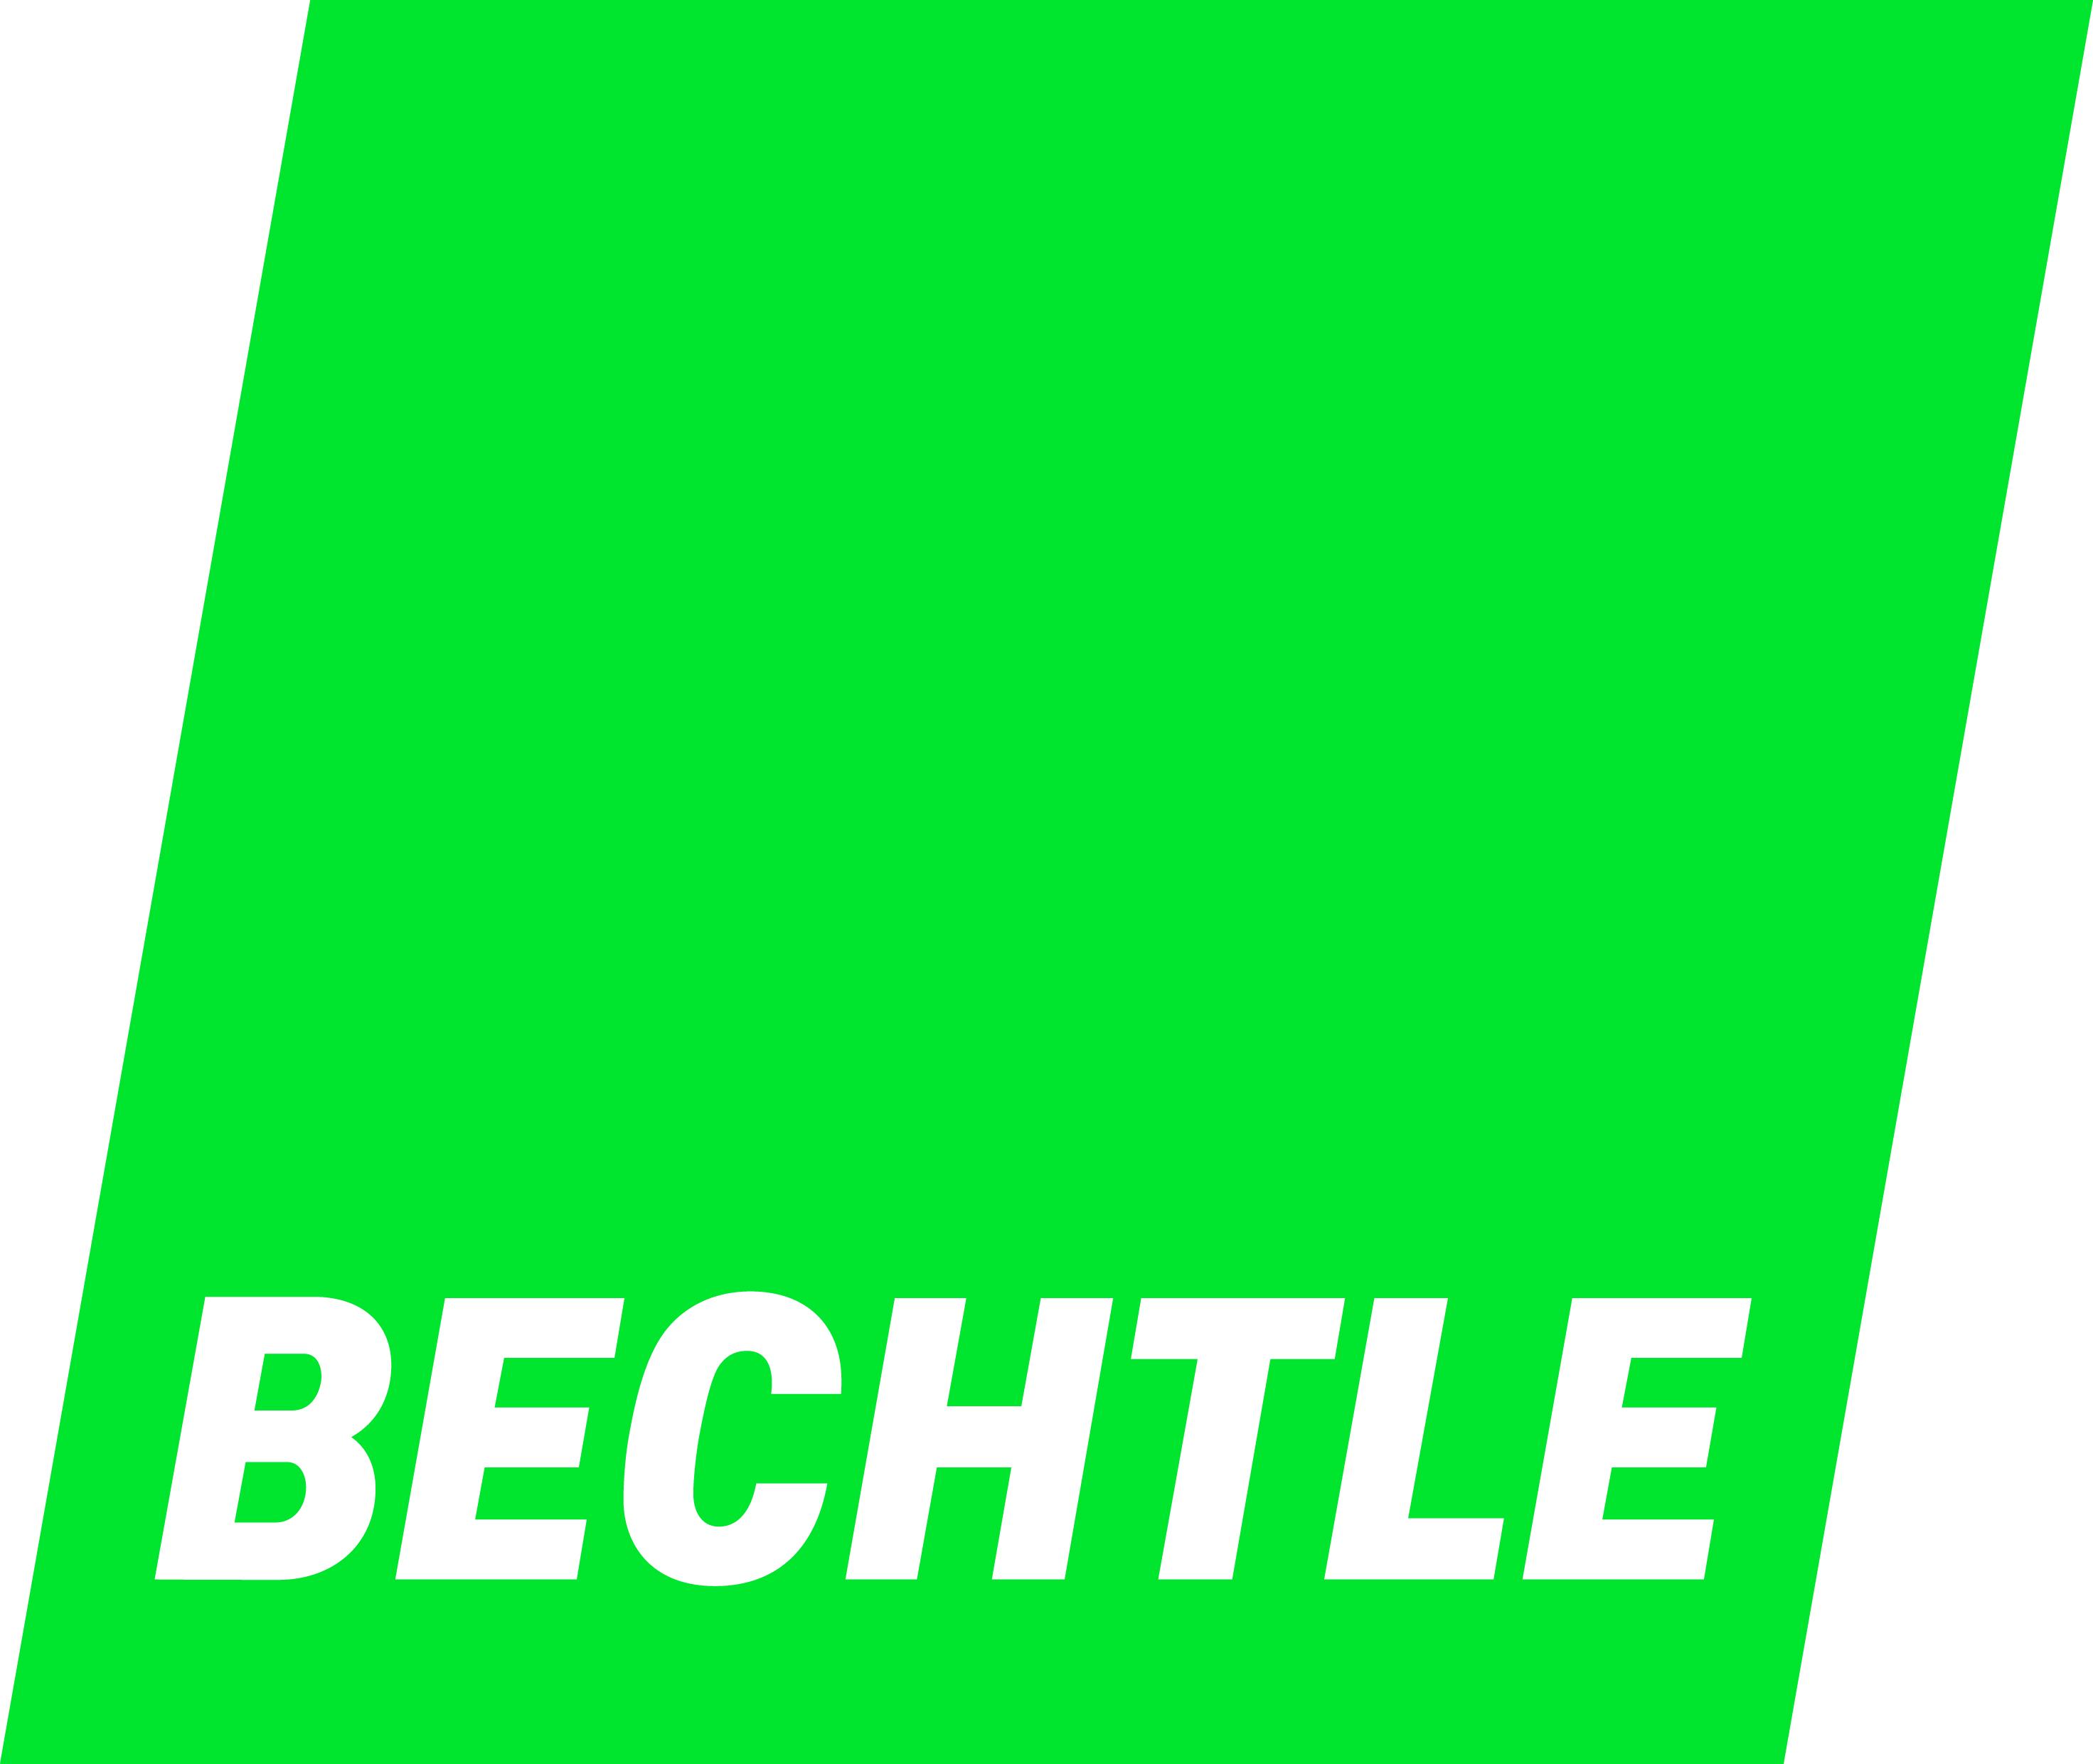 Bechtle_NEU_4c